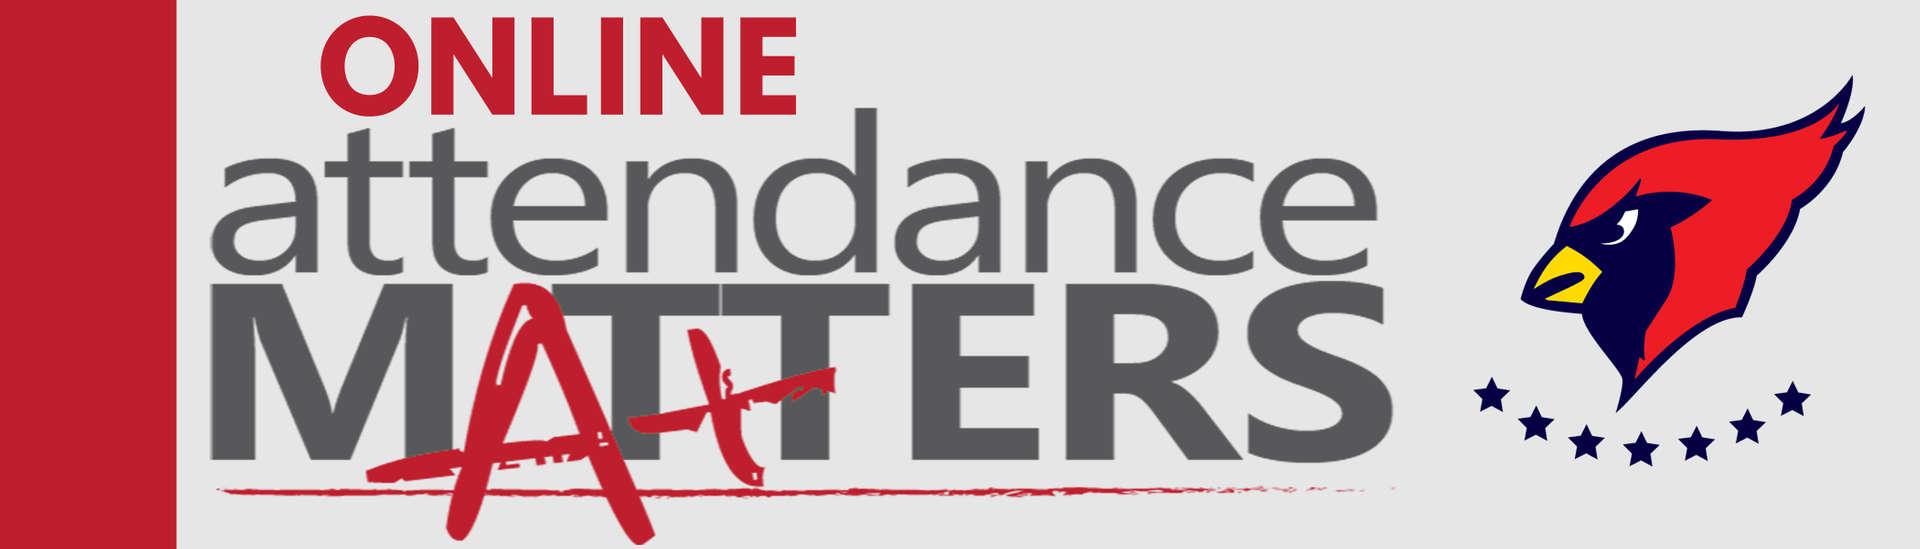 Online Attendance Matters